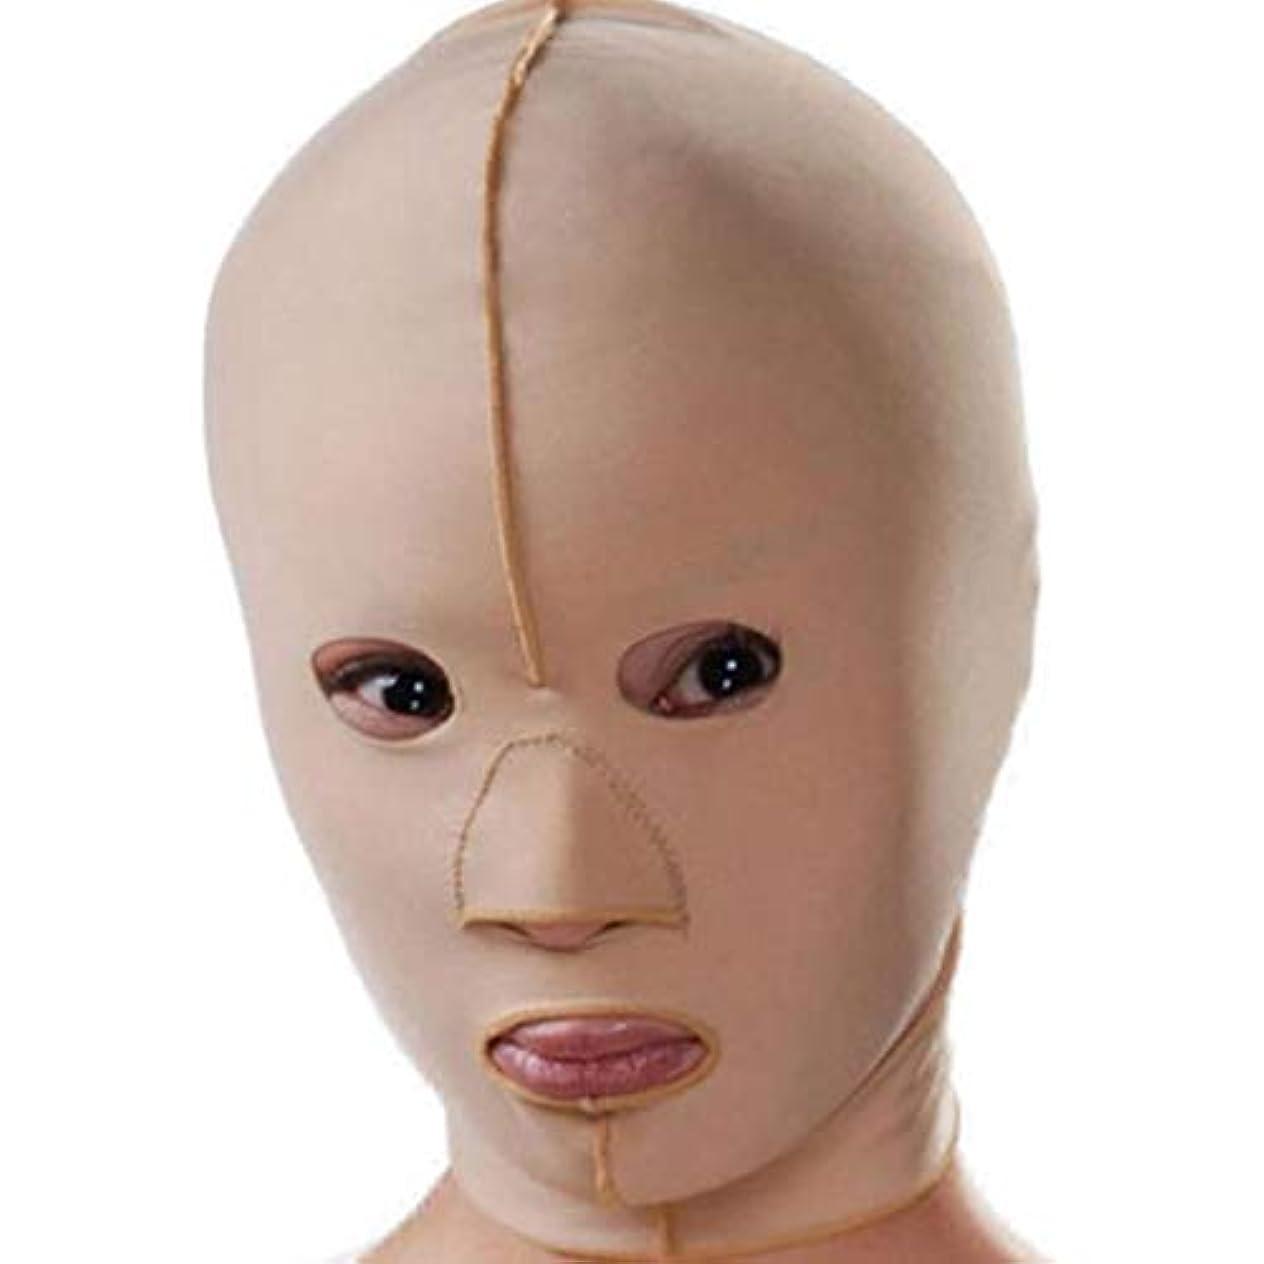 質素な慎重流出痩身包帯、マスク薄いフェイスマスクリフティングダブルあご引き締め顔面プラスチックフェイスアーティファクト強力なフェイス包帯